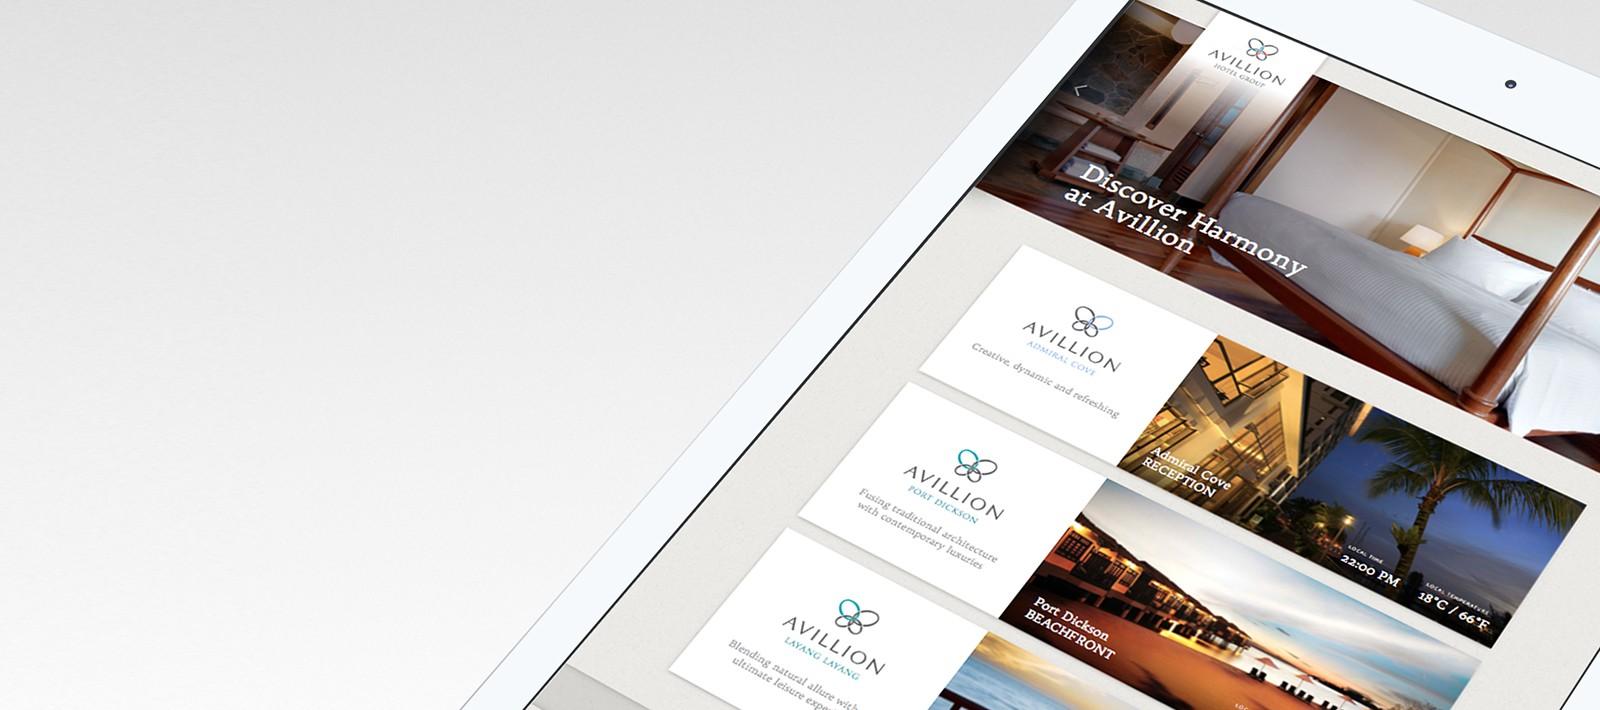 Avillion-hospitality-user-interface-design-2